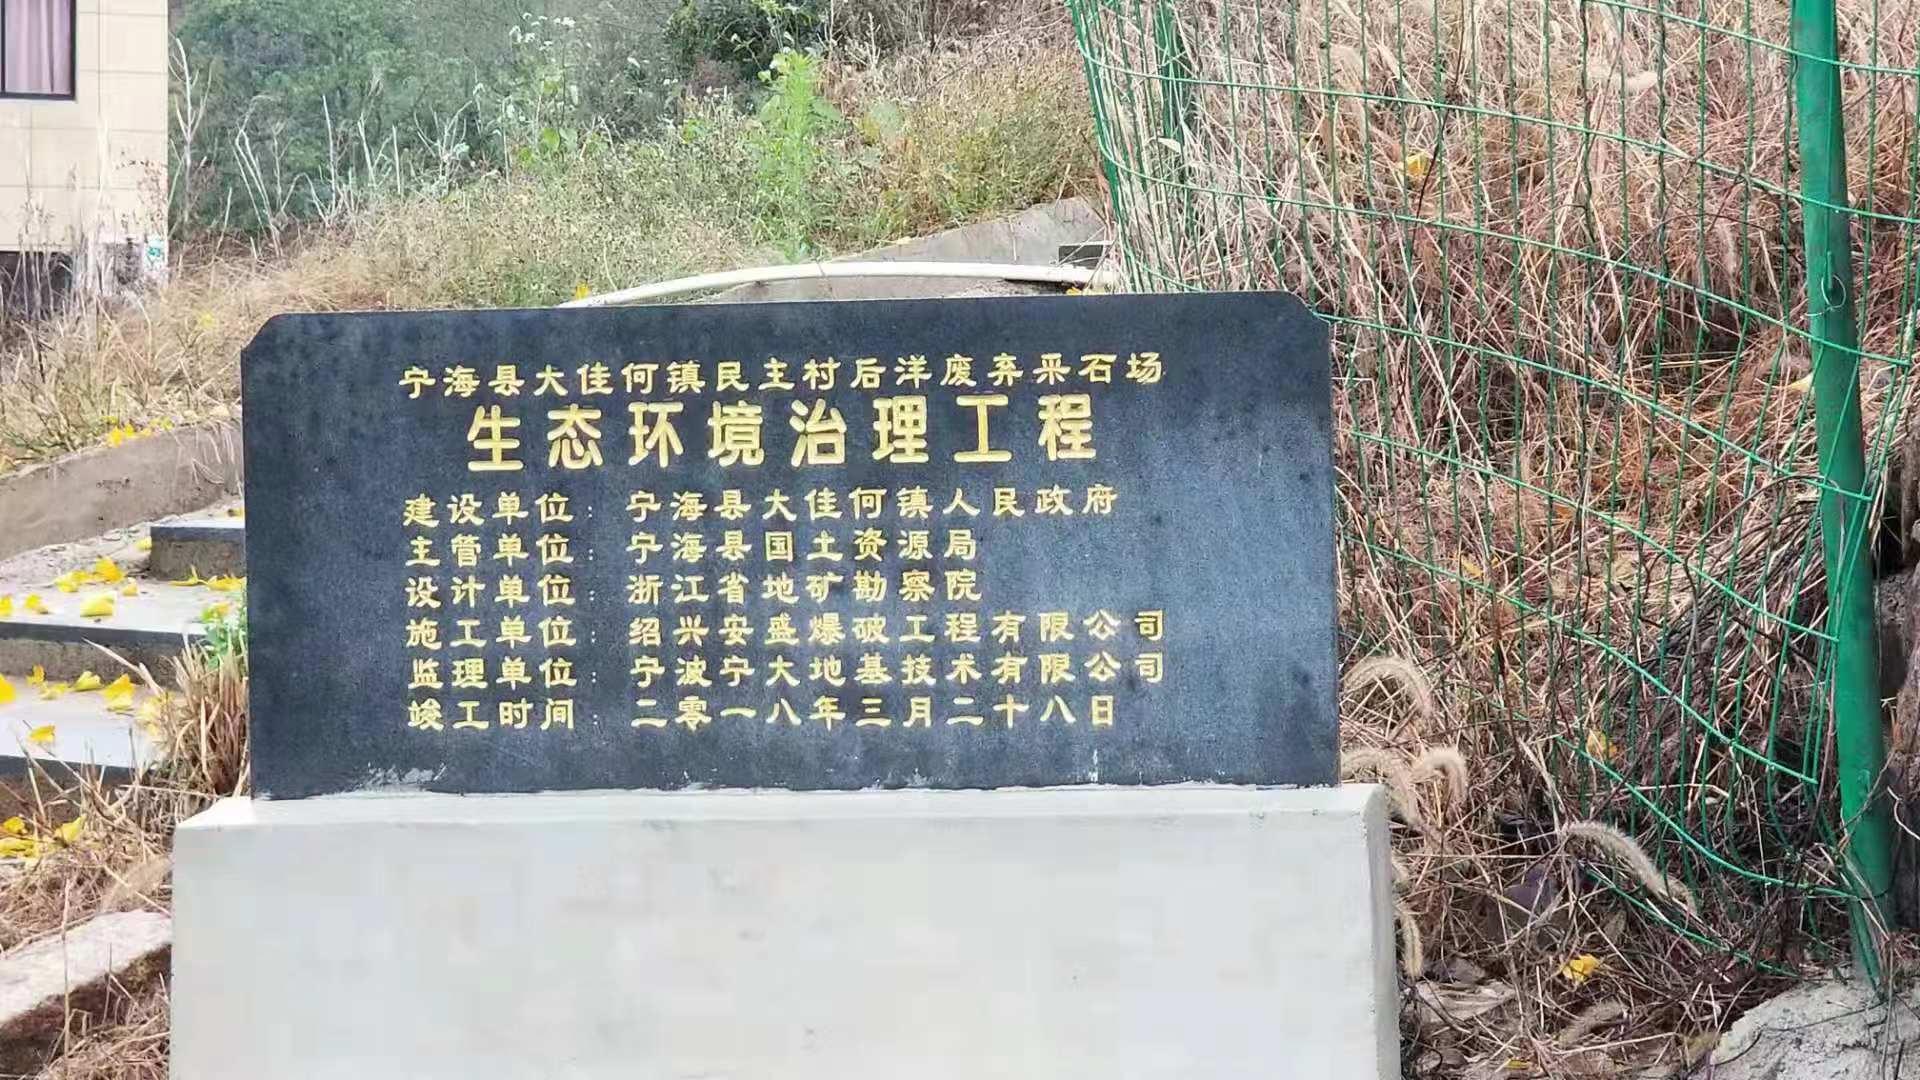 样板工程——宁海县大佳何镇民主村后洋废弃采石场生态环境工程